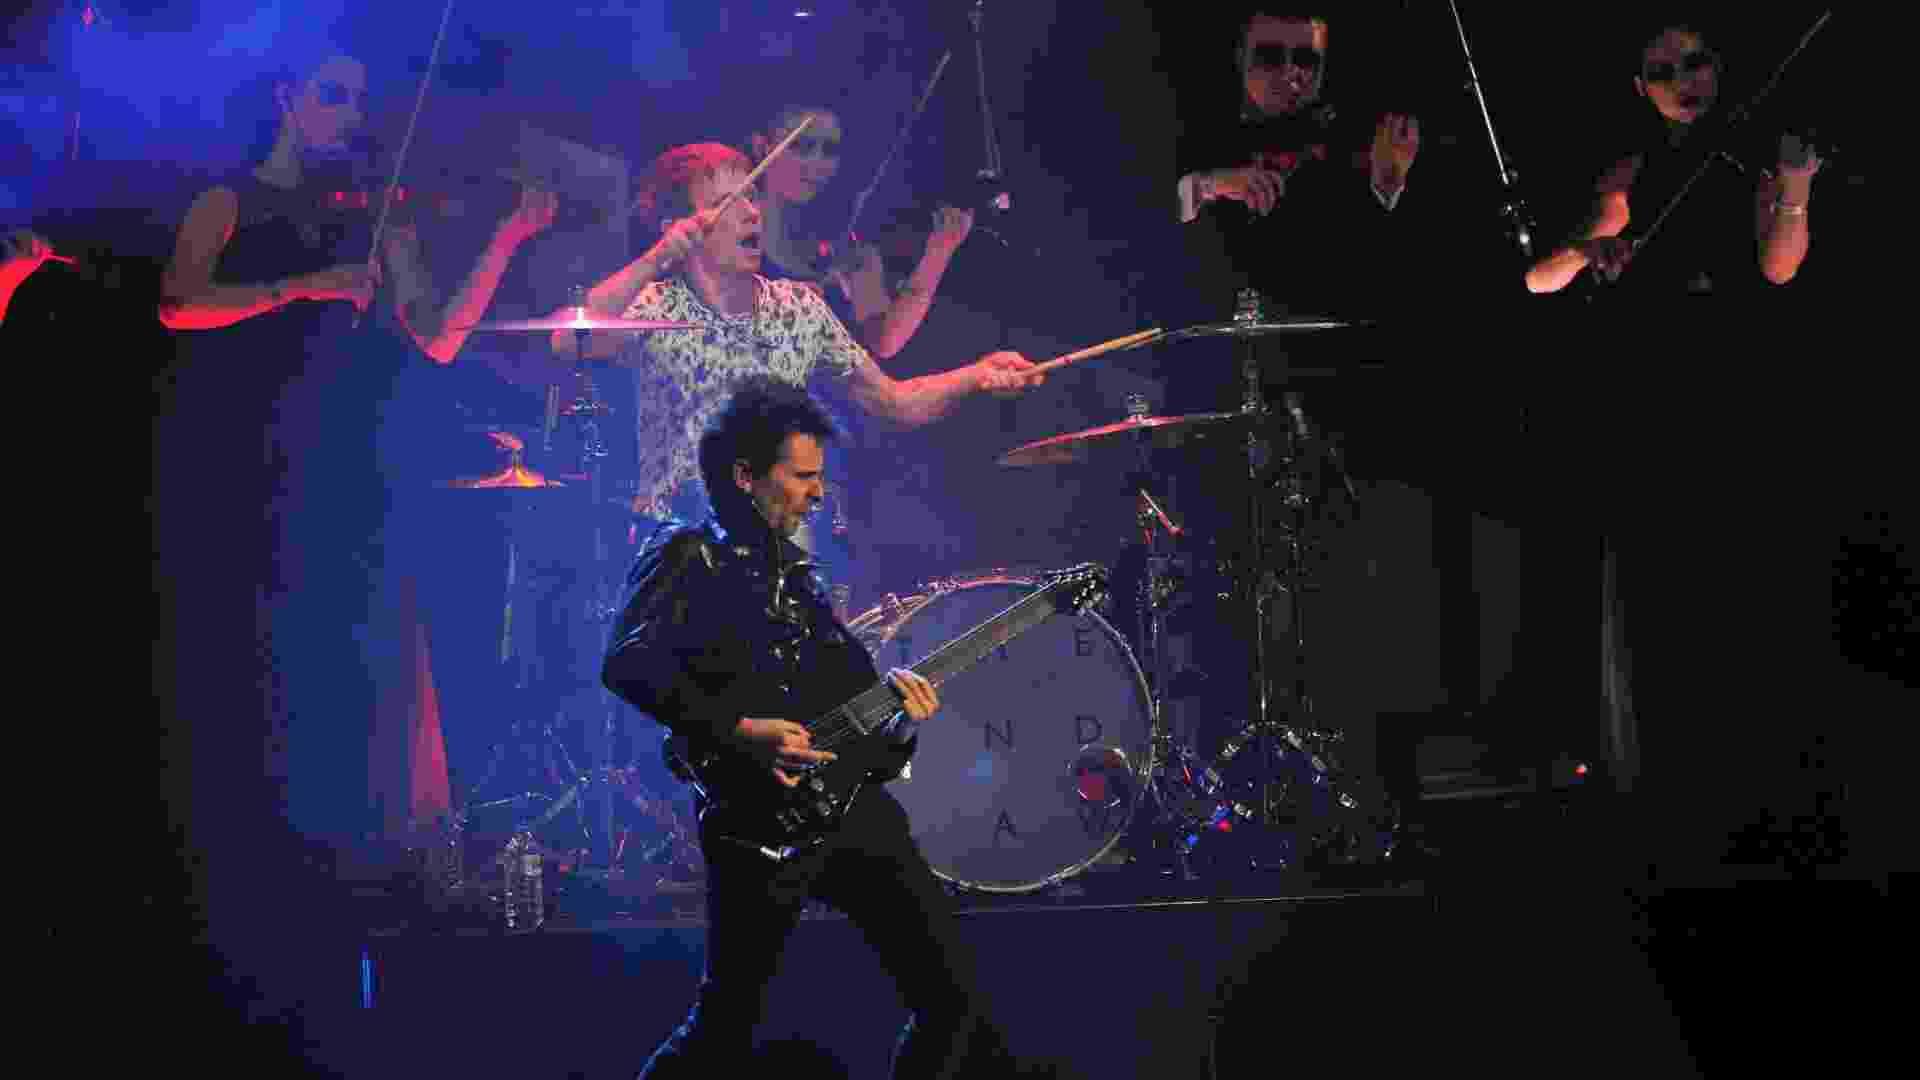 20.fev.2013 - A banda Muse se apresentou durante o Brit Awards 2013, em Londres - Getty Images